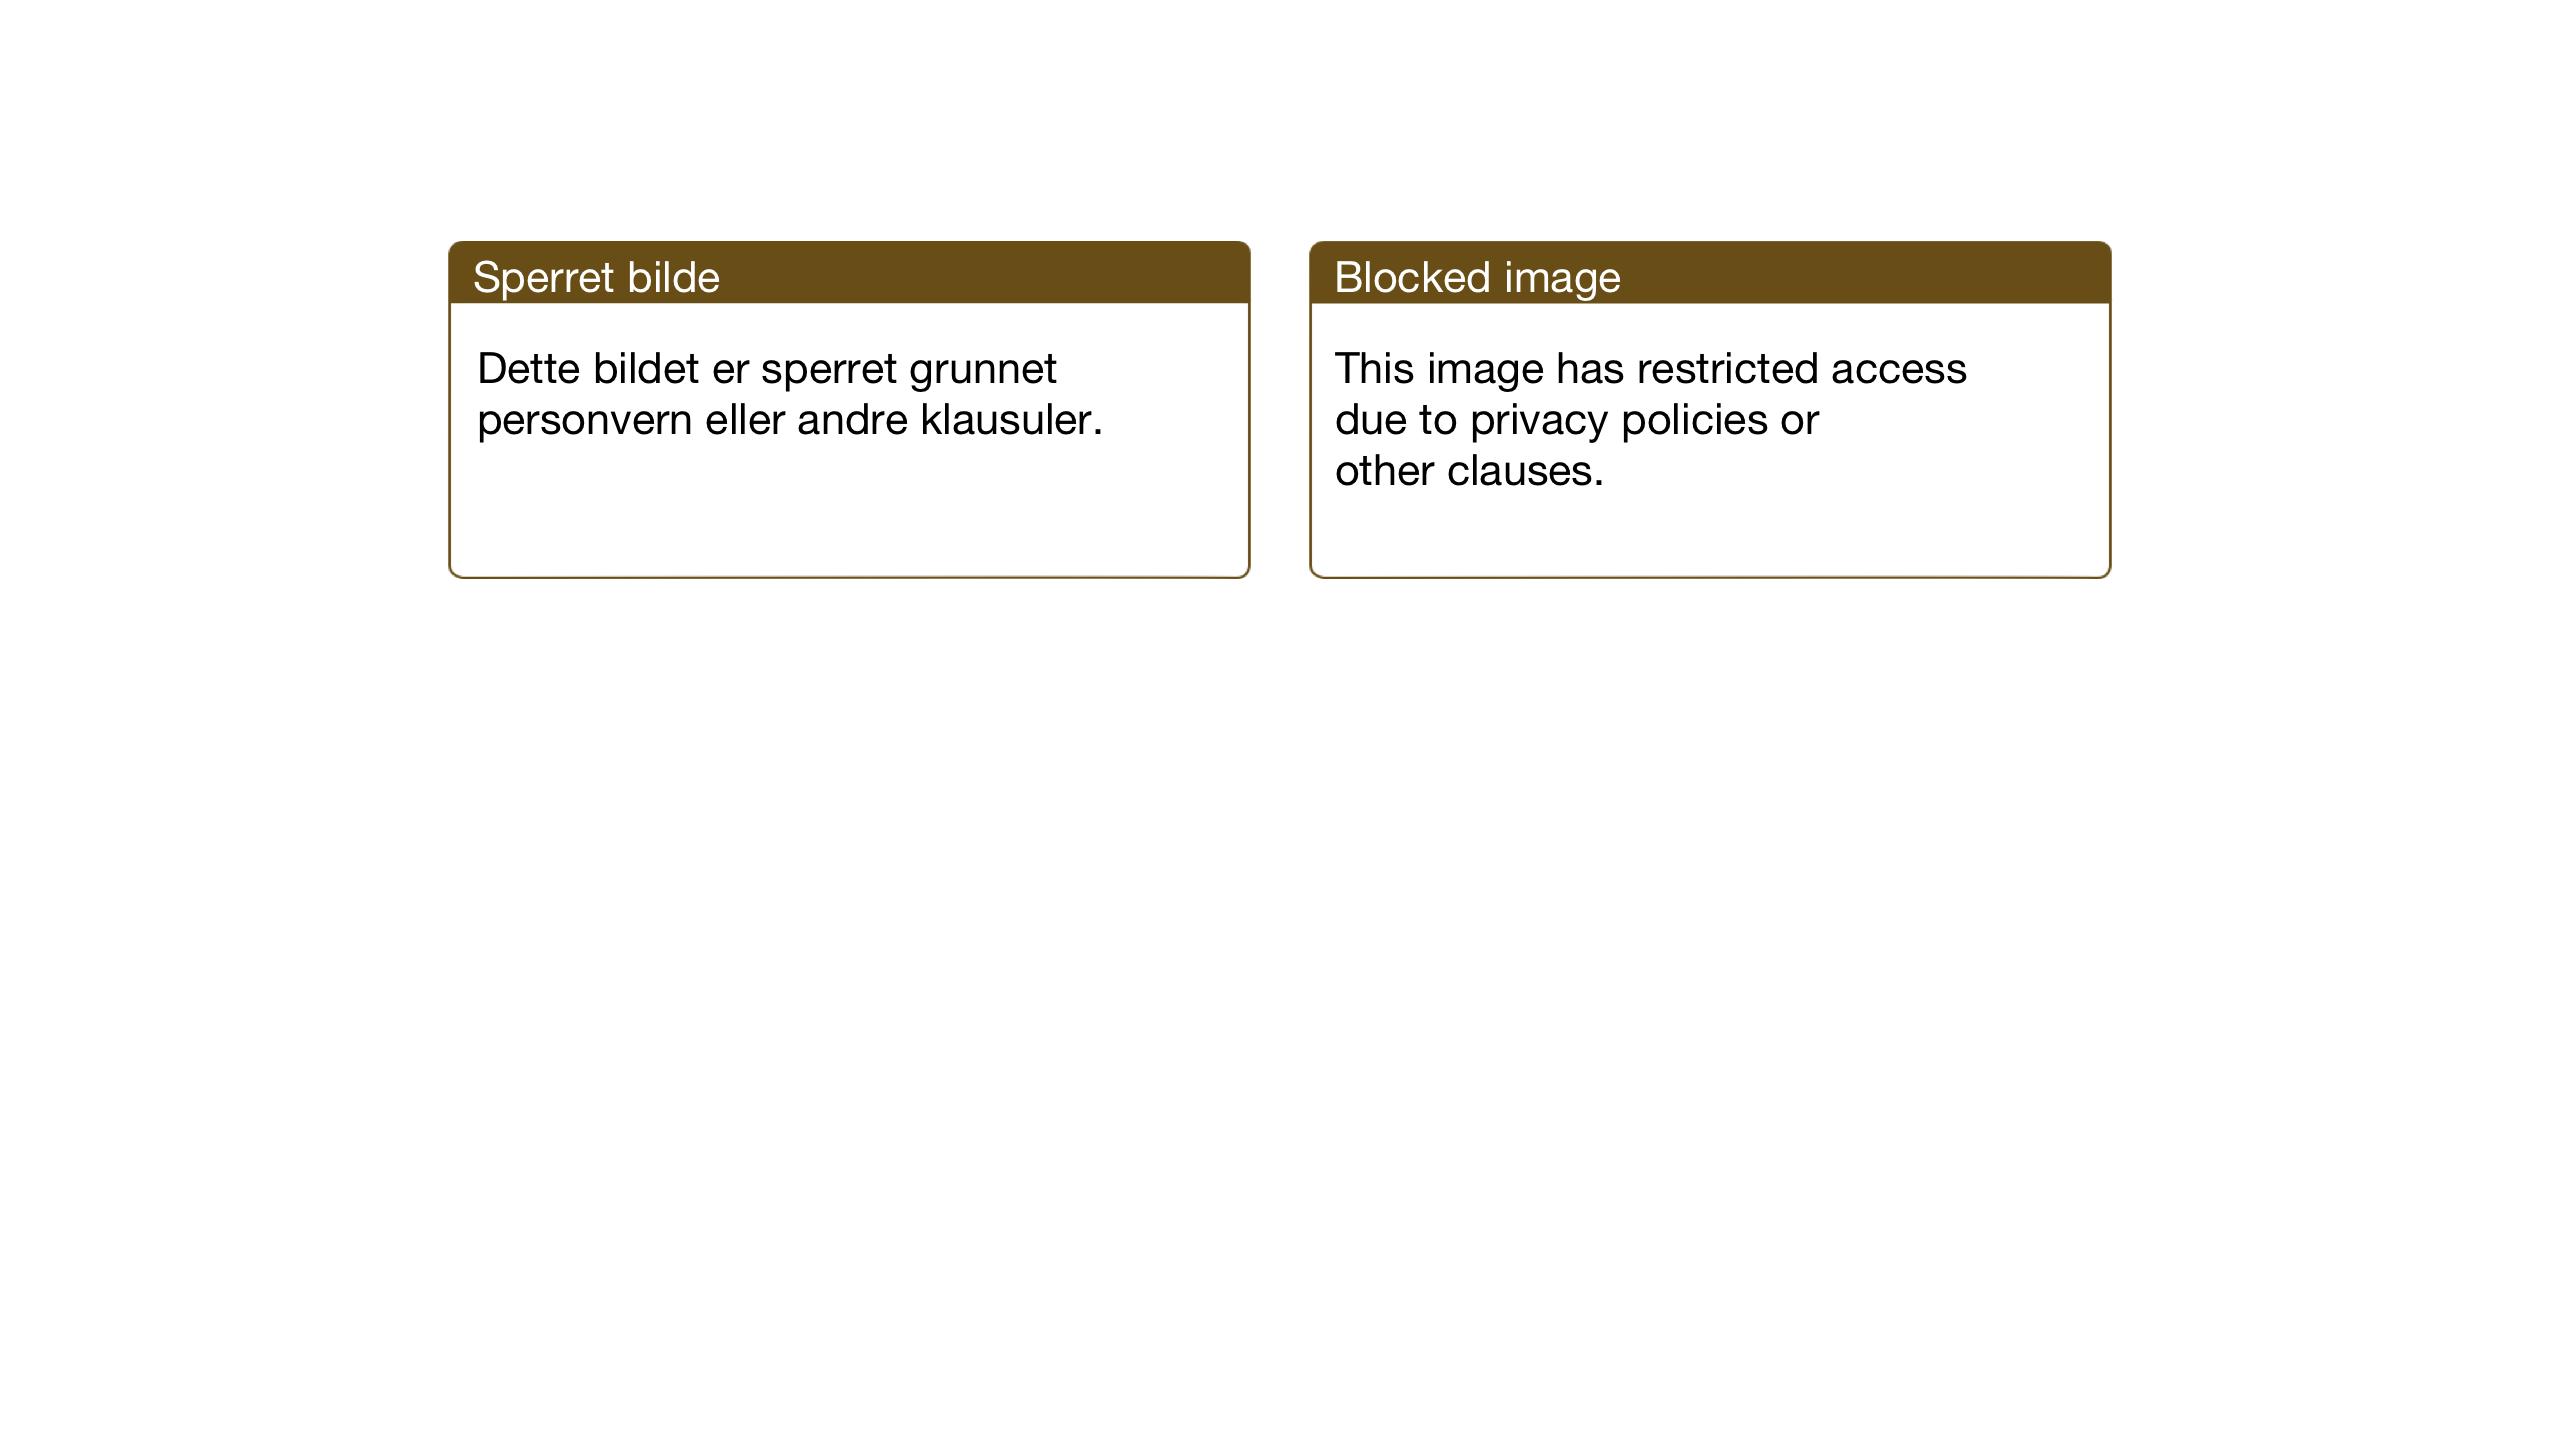 SAT, Ministerialprotokoller, klokkerbøker og fødselsregistre - Sør-Trøndelag, 637/L0564: Klokkerbok nr. 637C05, 1928-1968, s. 143